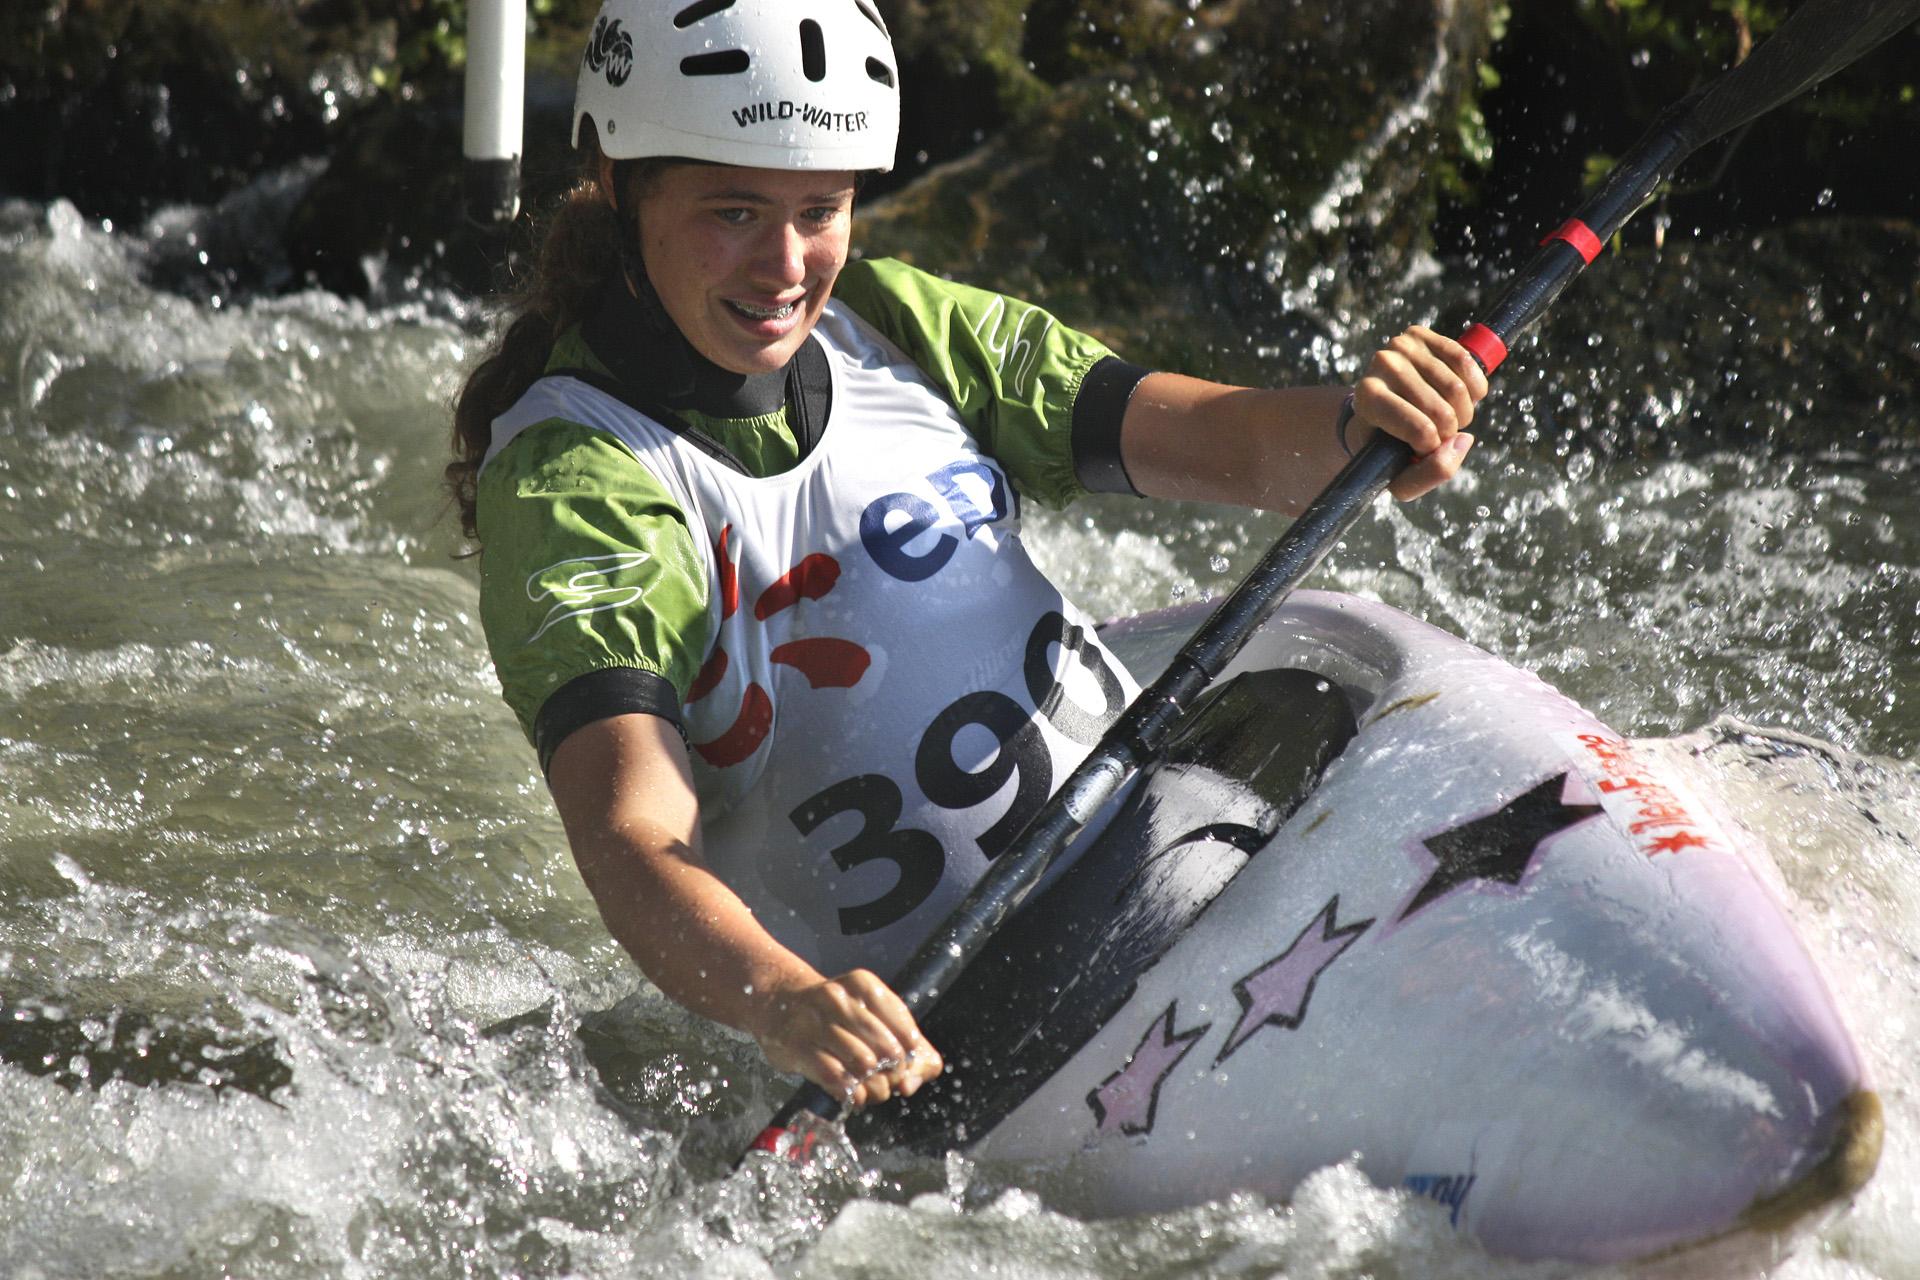 Adèle la plus messine des torcéennes aux Championnats de France de slalom 2014.